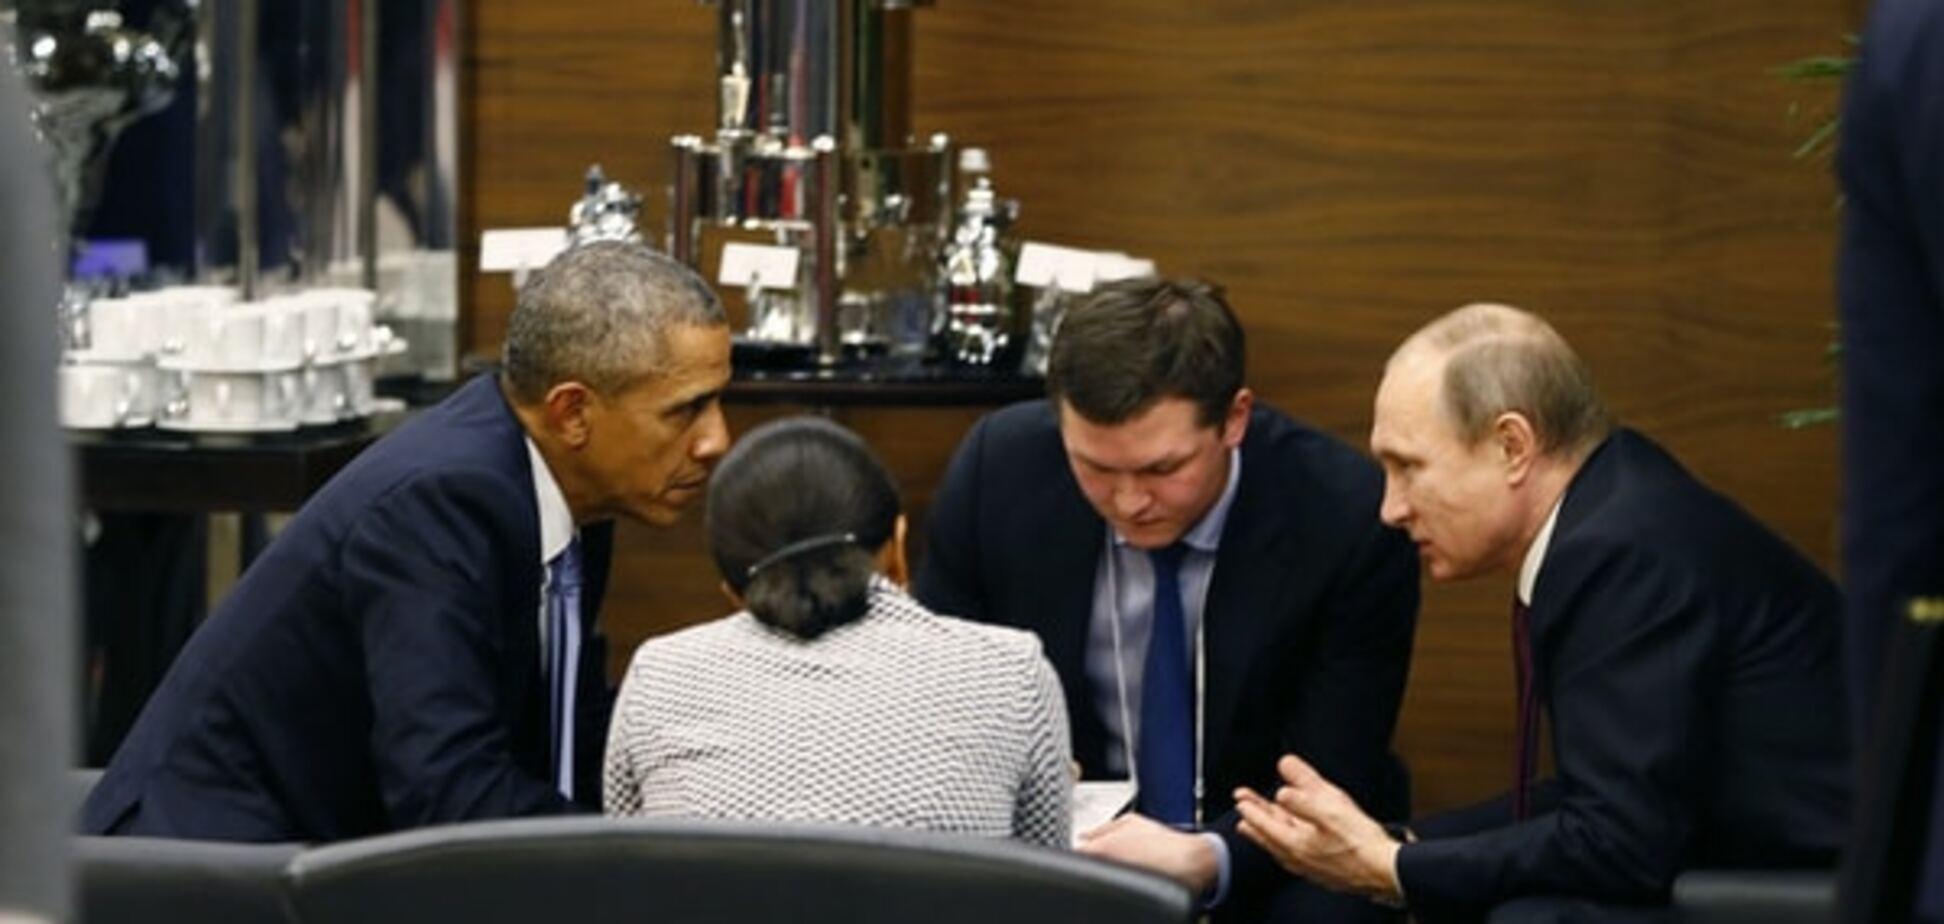 Залишився один козир: Портников пояснив, чому Путін почав відступати в Україні